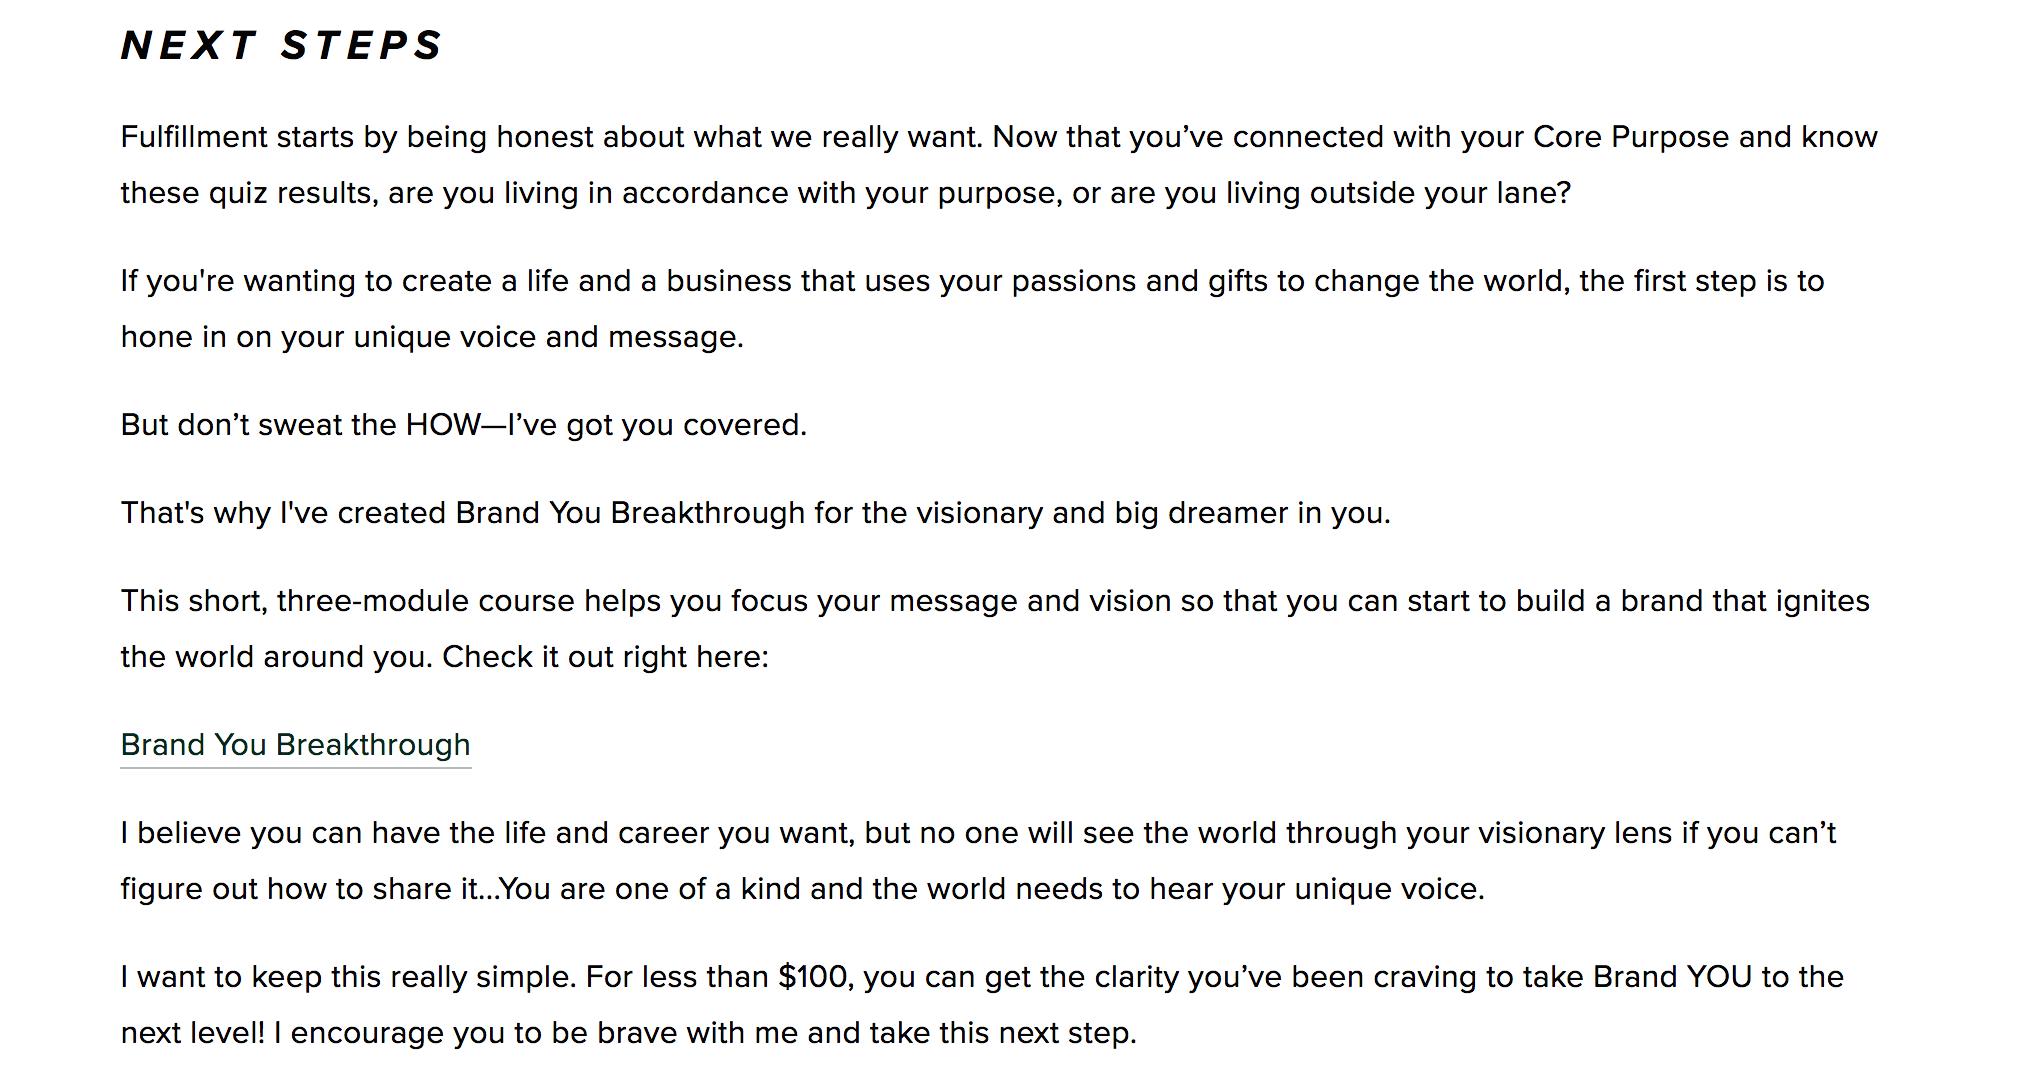 description of what a visionary should do next